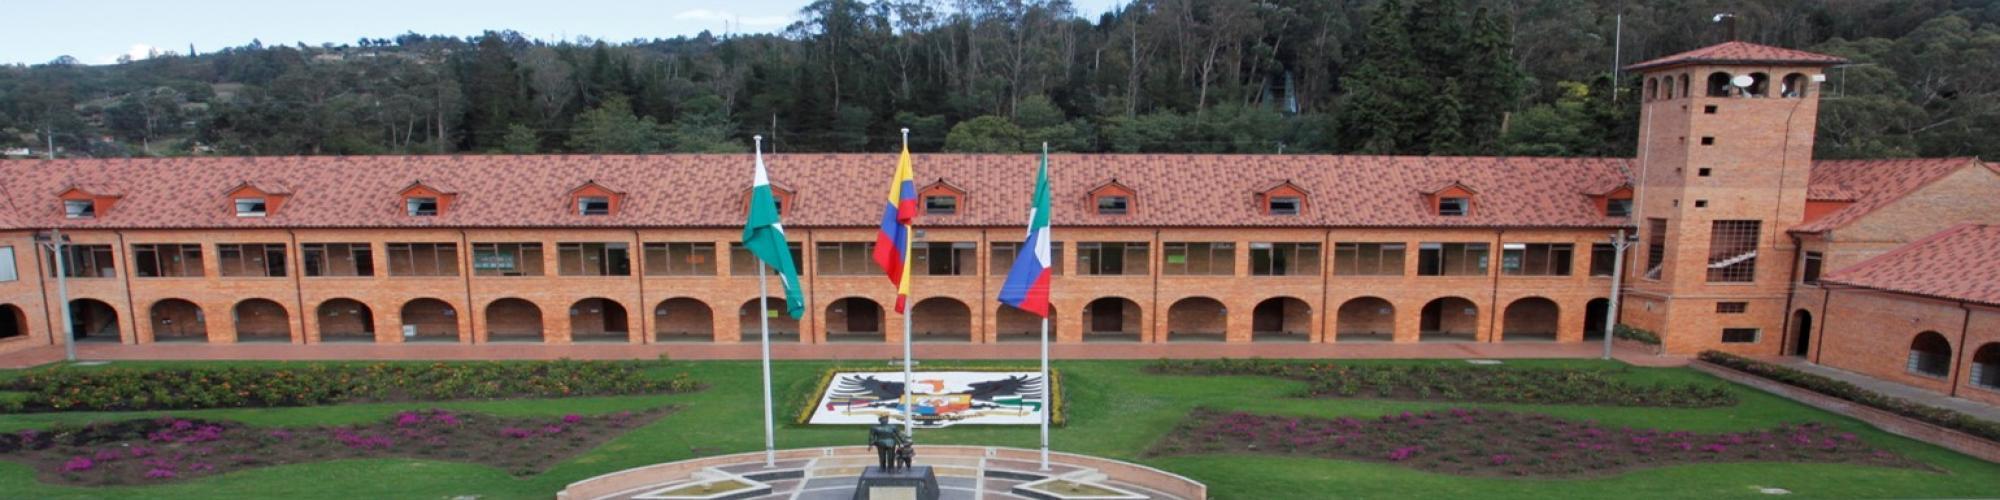 Escuela-Gonzalo-Jimenez-de-Quesada-ESJIM